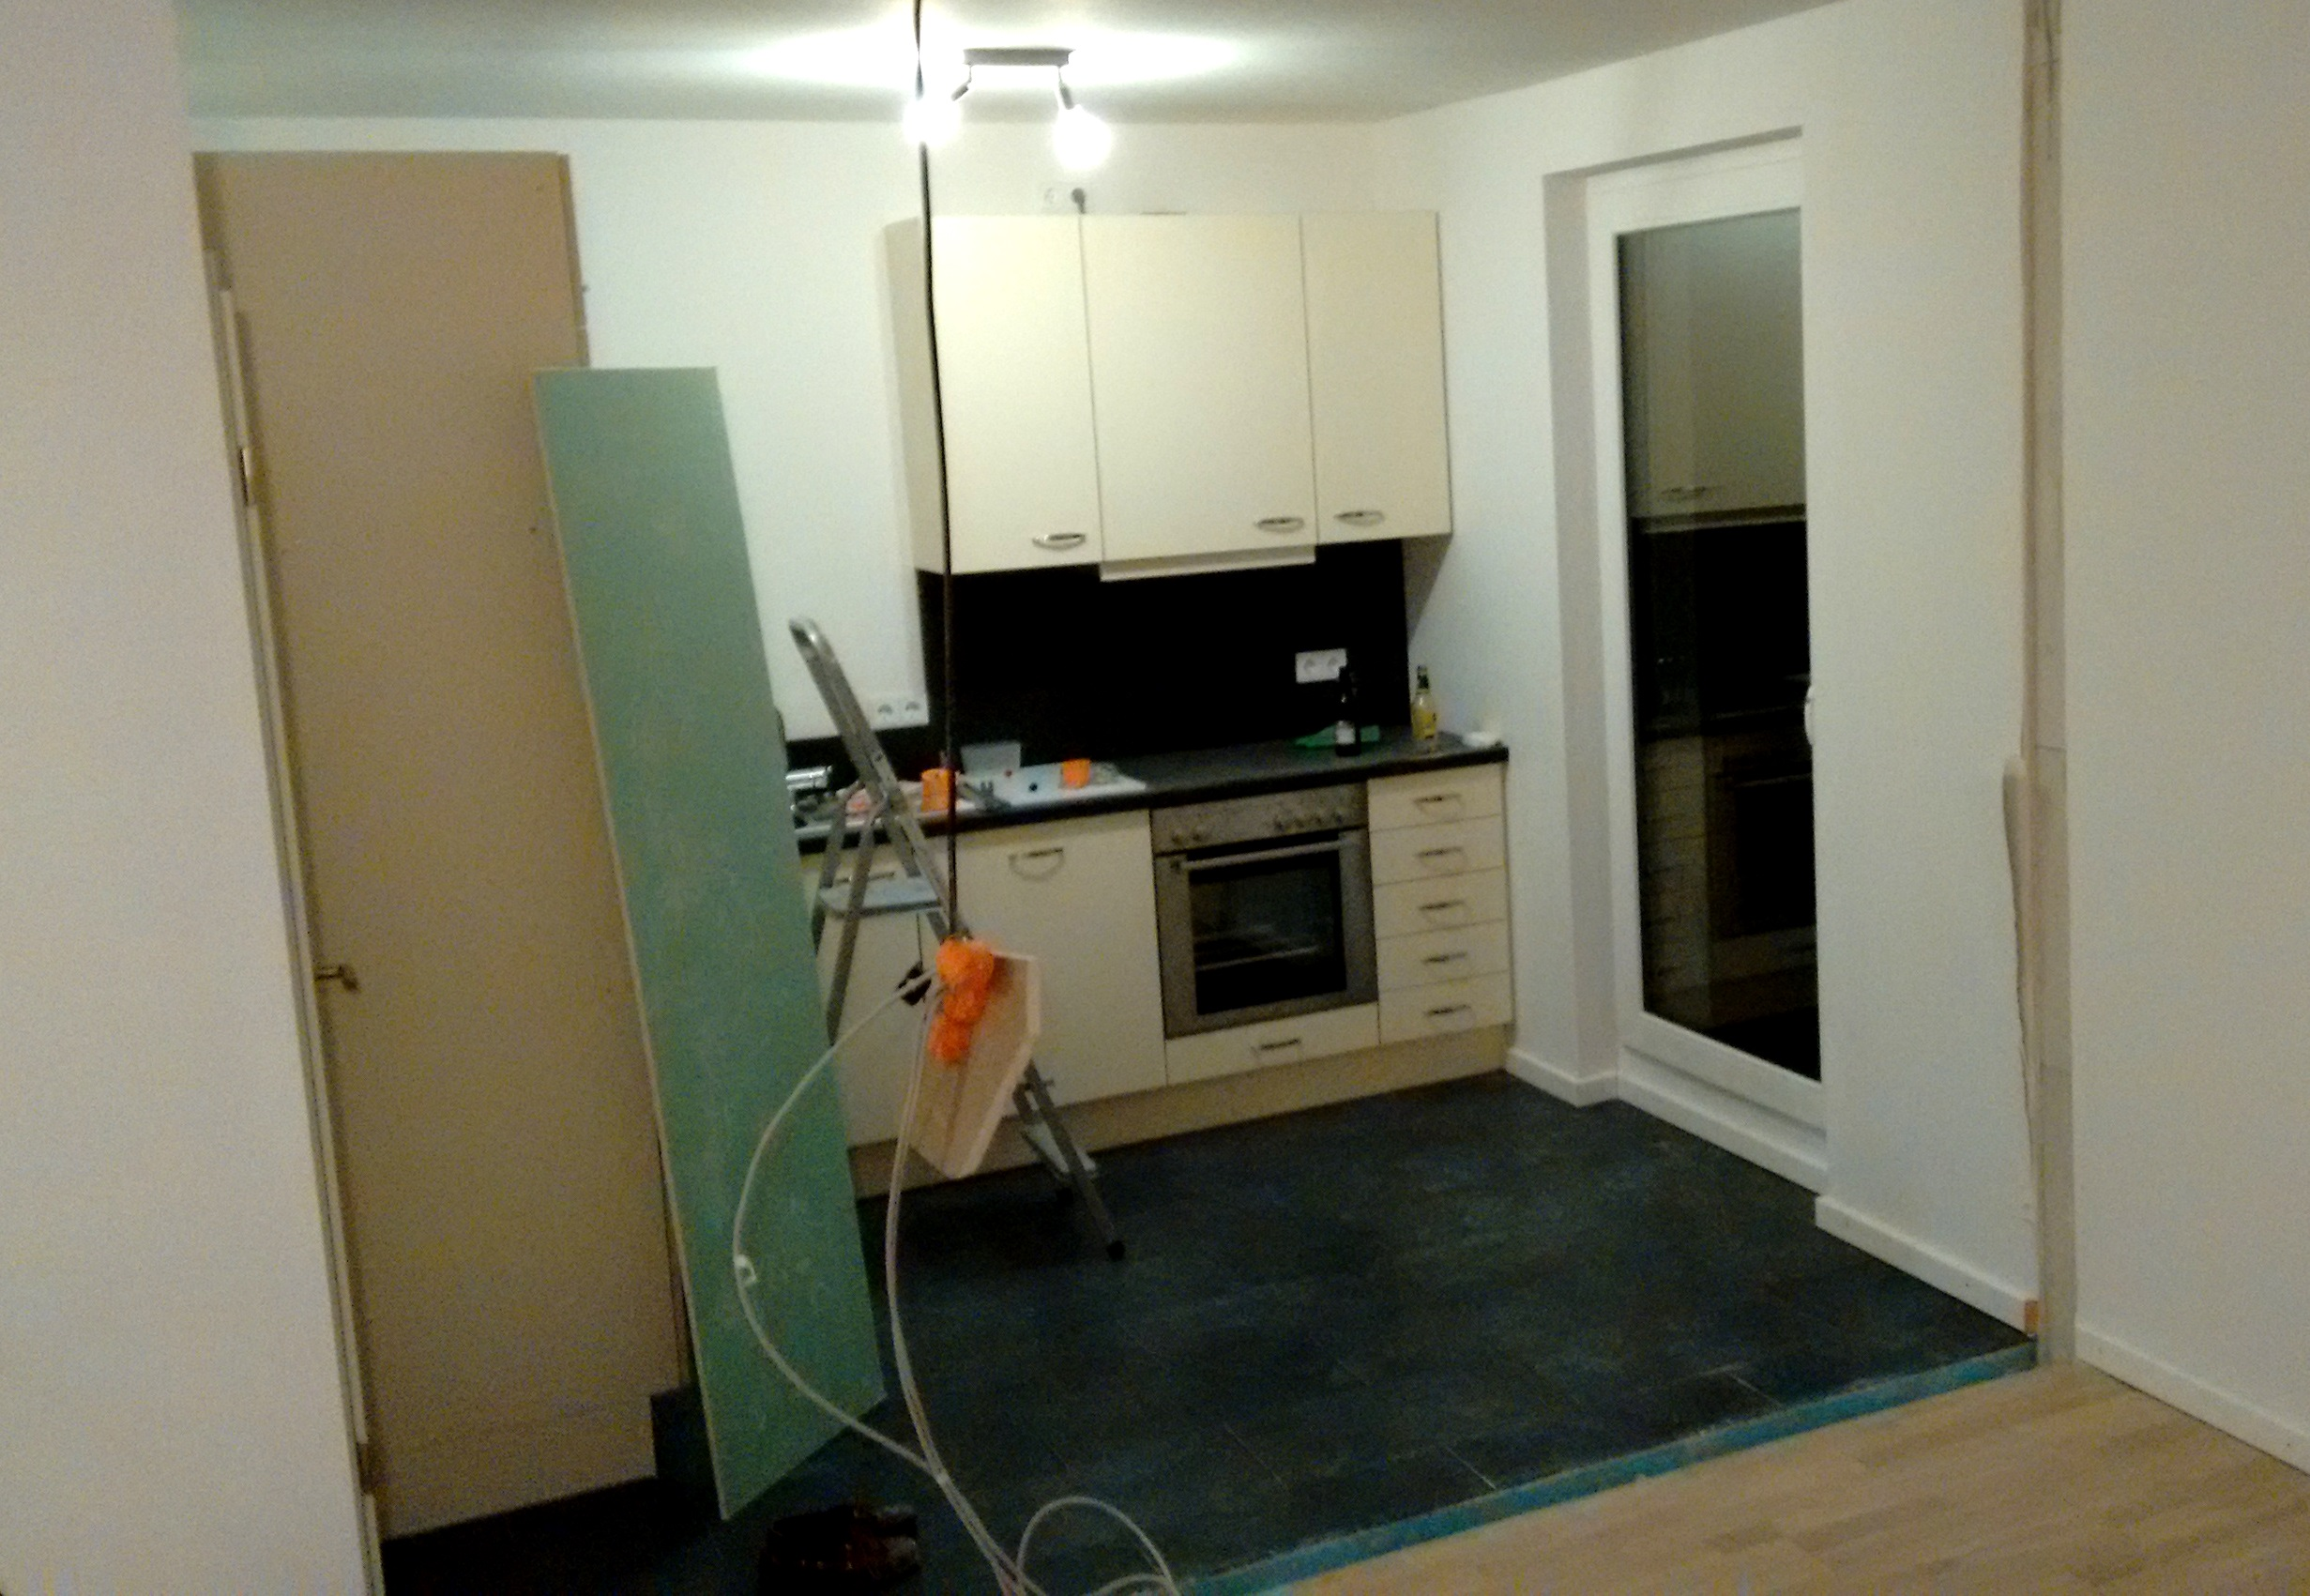 Erste Umbauergebnisse. Im Hintergrund: Die alte Küche, die durch die eigene Einbauküche ersetzte wird